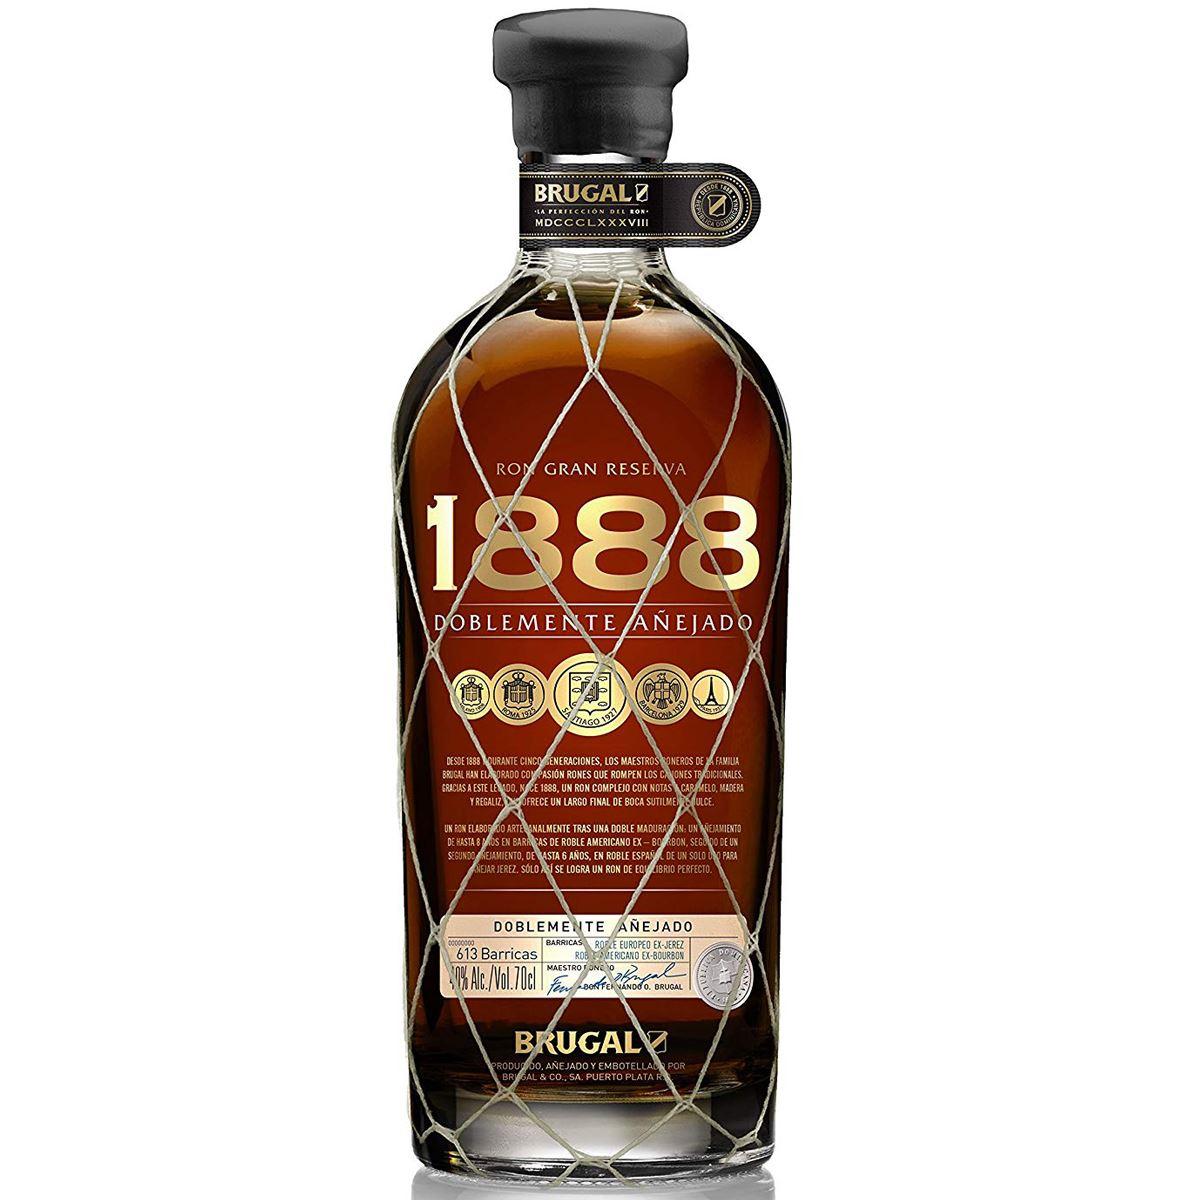 RUM BRUGAL 1888 GRAN RESERVA 70CL